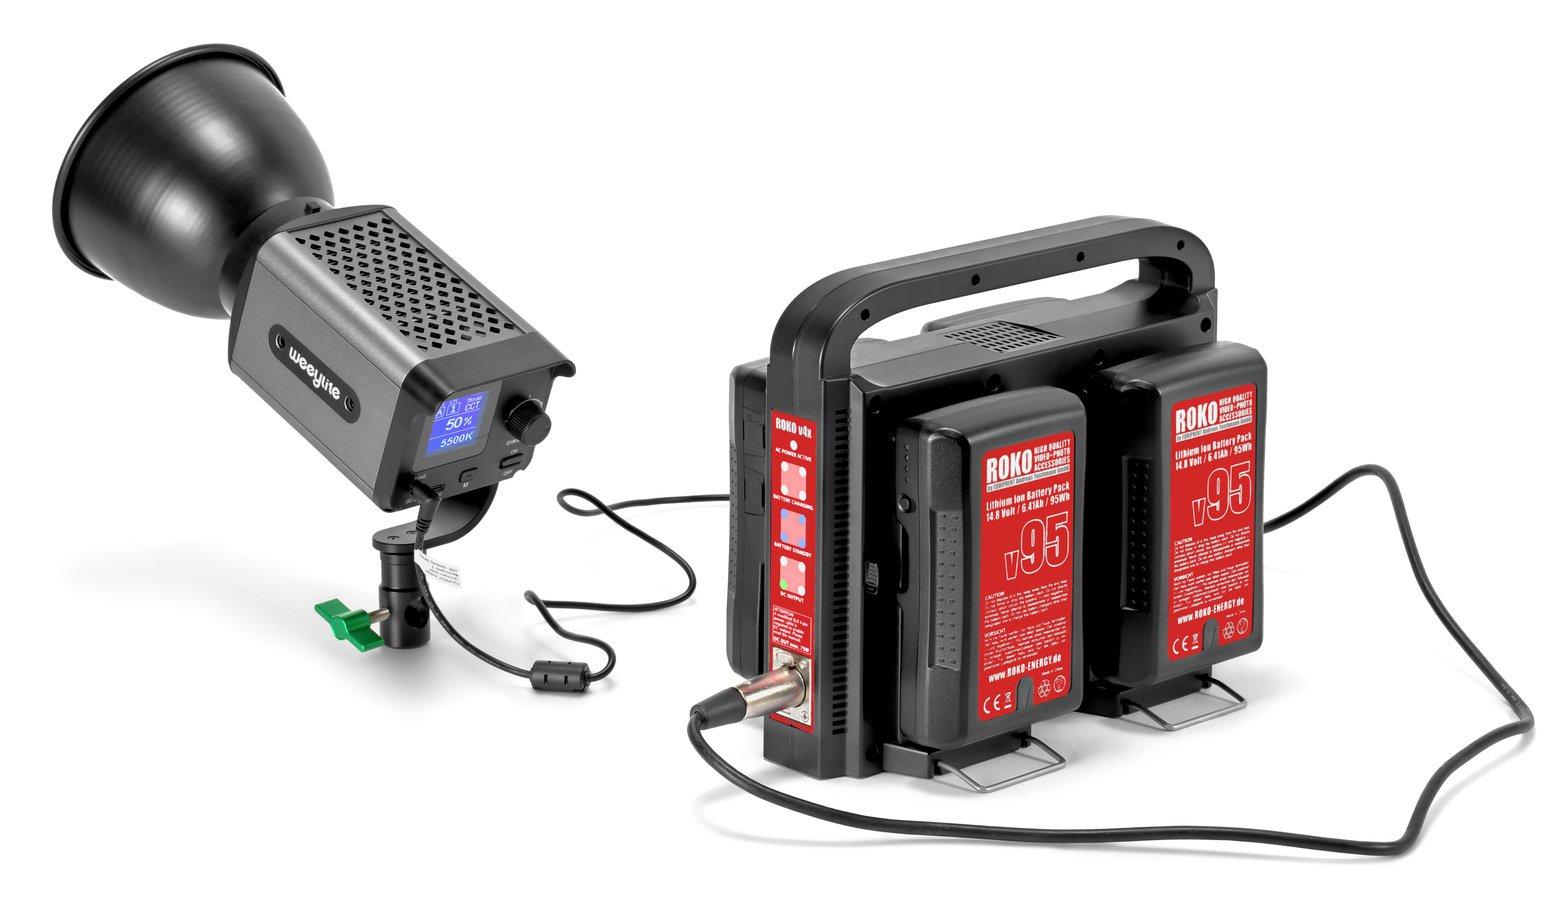 Das Ladegerät kann die aufgesteckten Akkus nutzen um andere Geräte mit Strom zu versorgen.